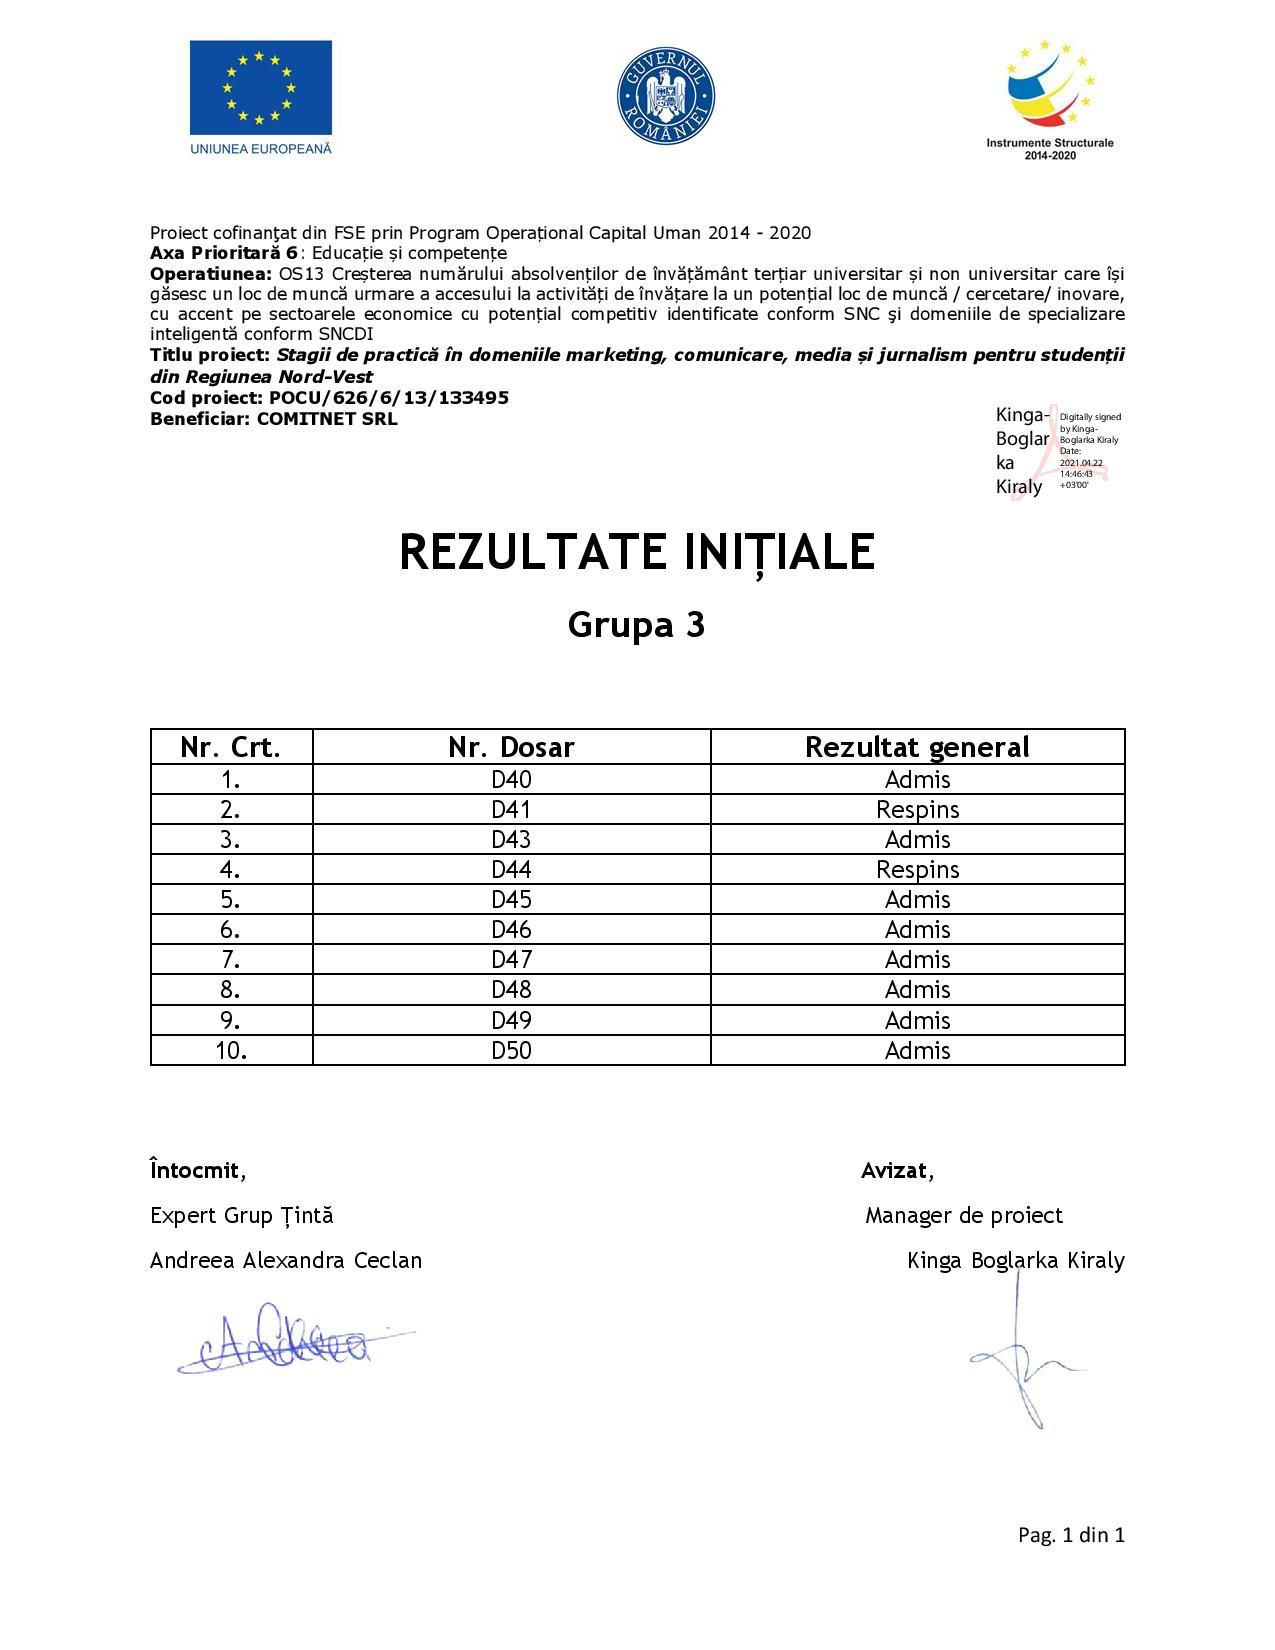 [Stagii de Practică SEO 365] Rezultate inițiale - Grupa III (1)-page-001